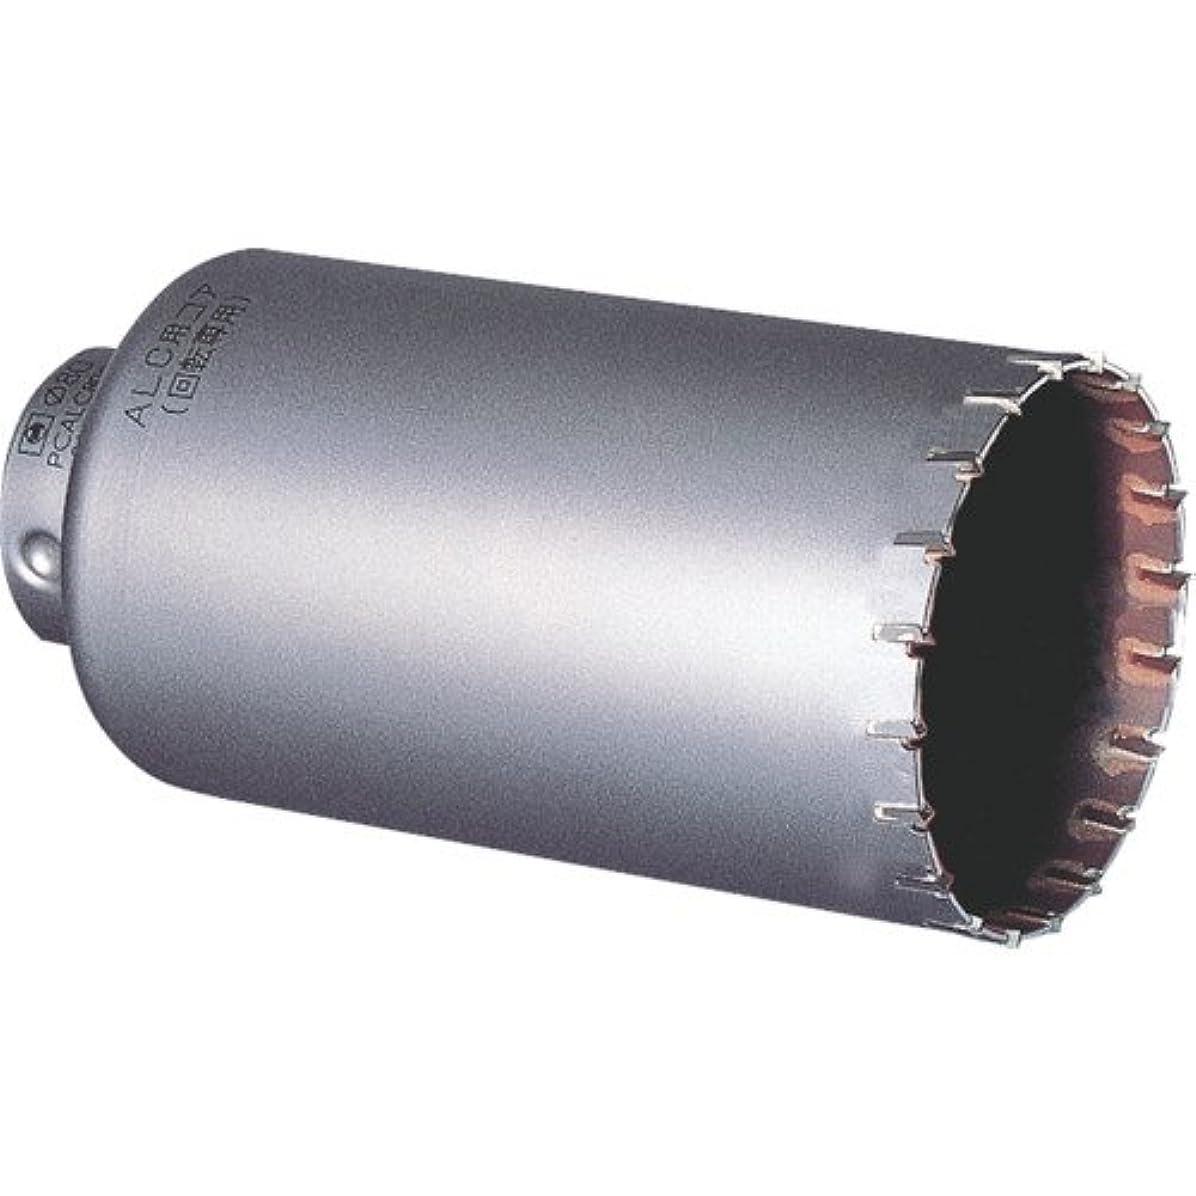 知性可能めんどりミヤナガ(Miyanaga) ALC用コアドリル(カッター) 110 PCALC110C